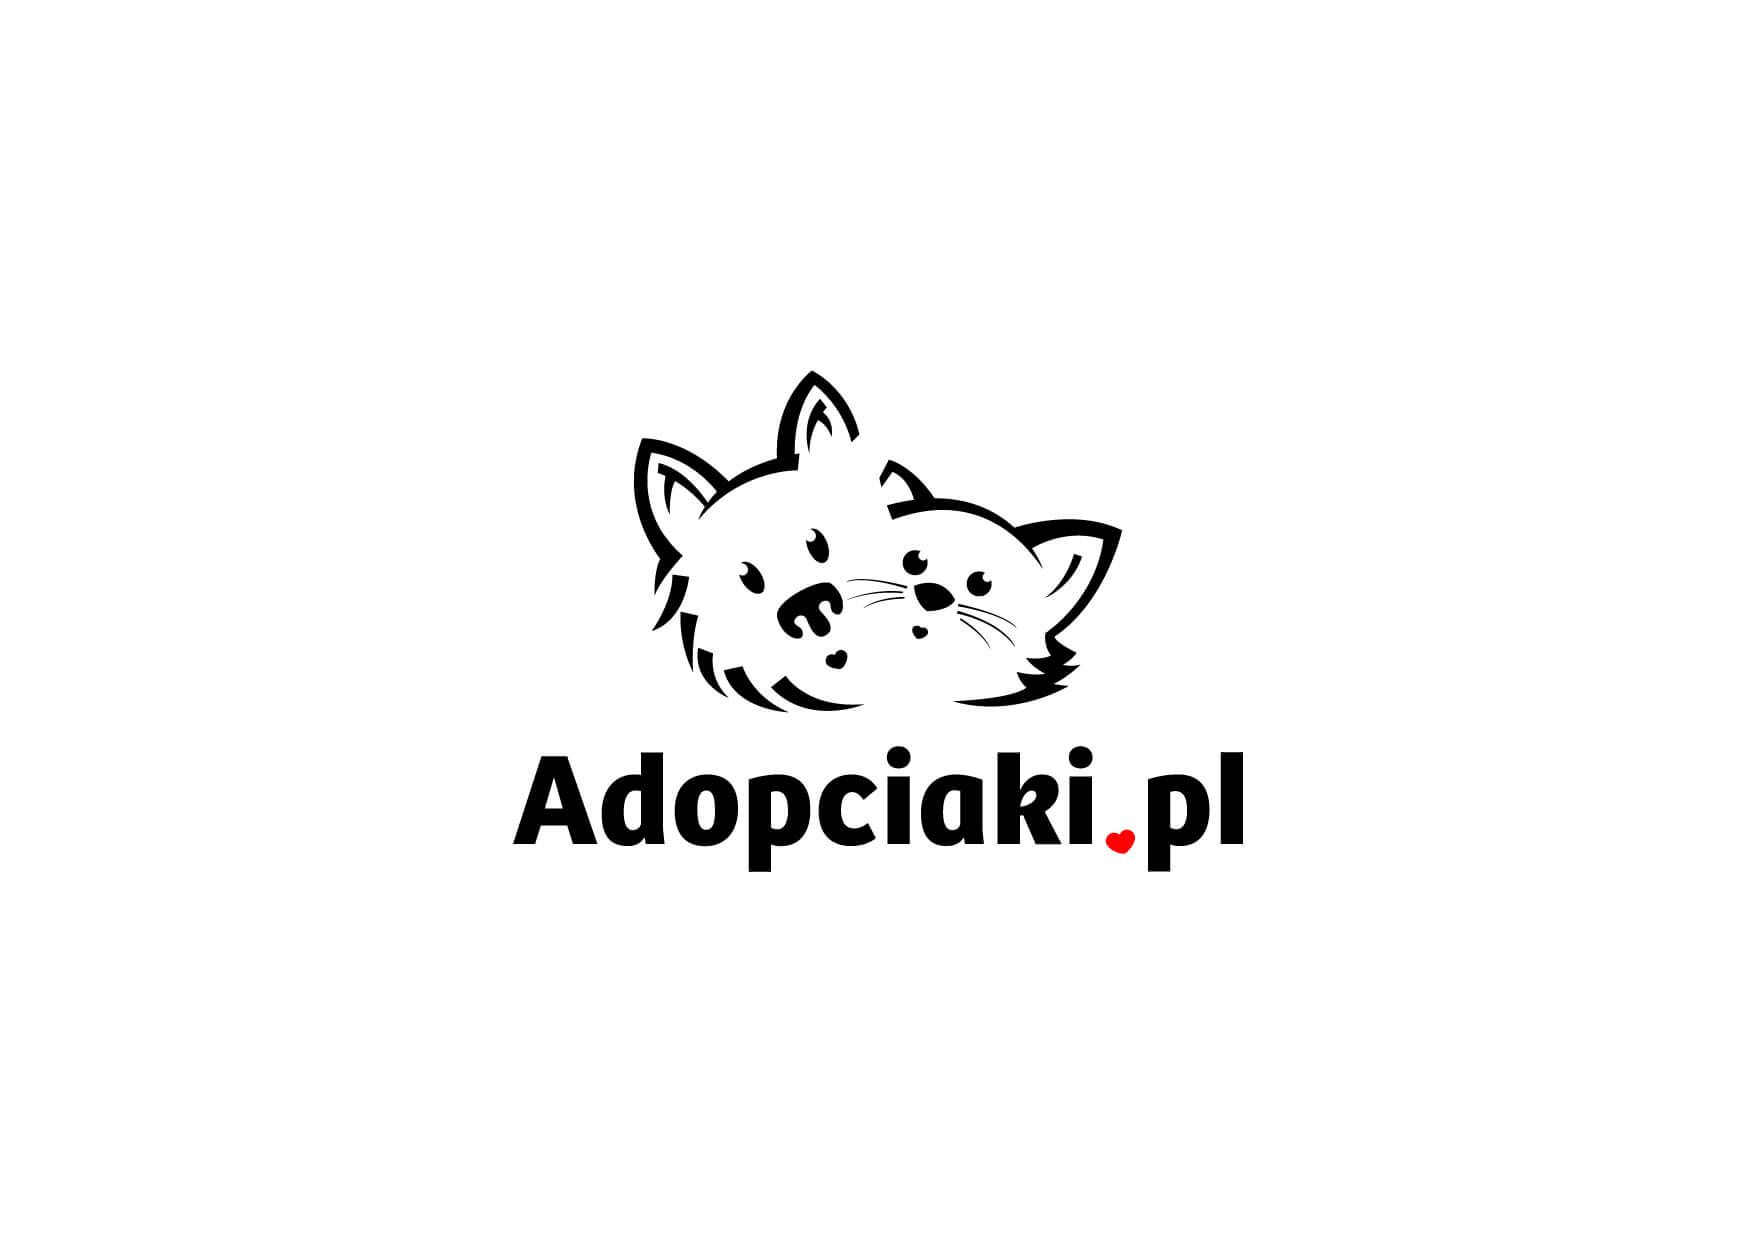 Logo Adopciaki.pl – Poznań